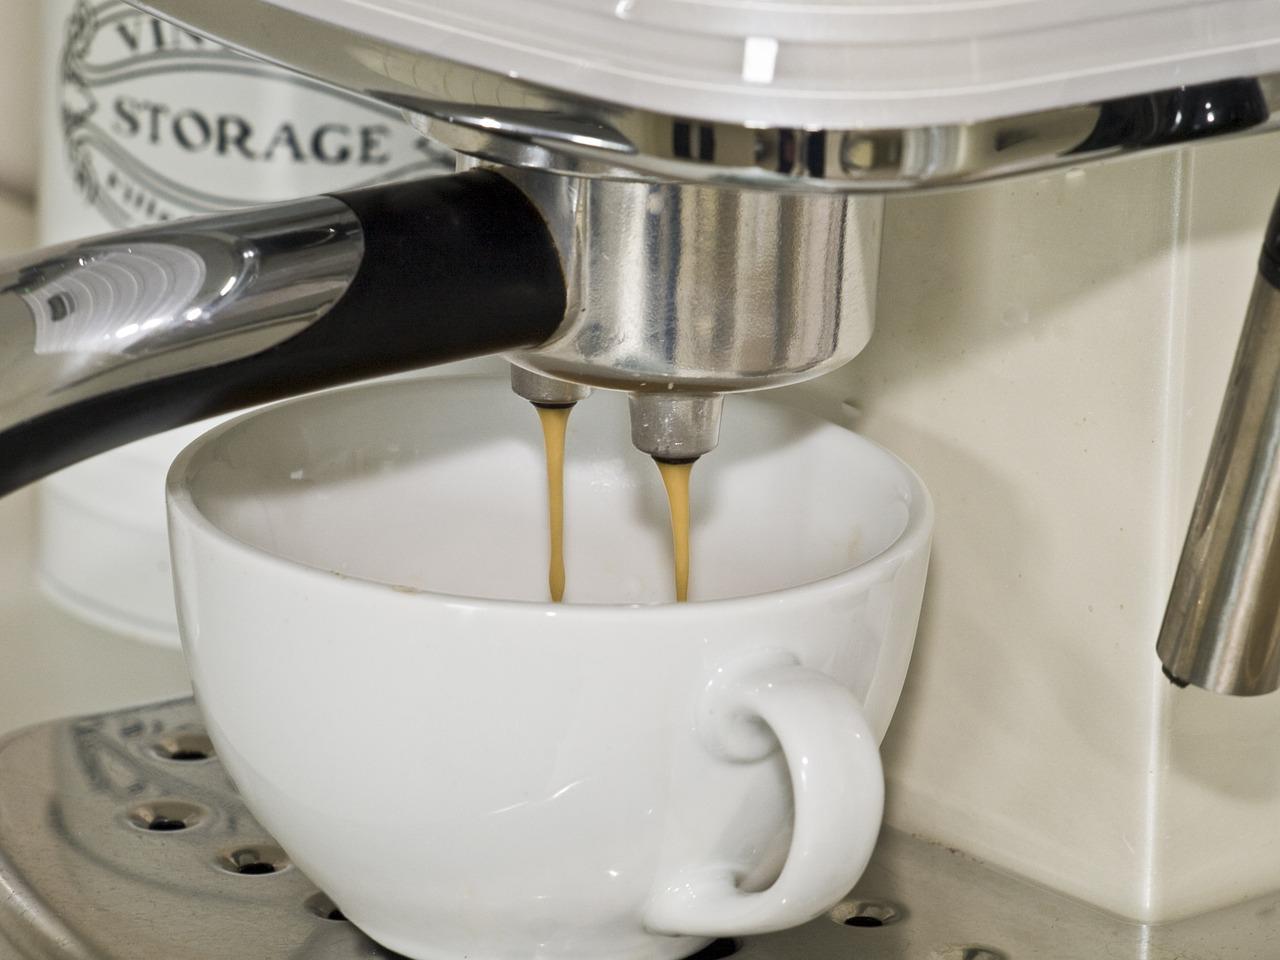 Kávičkári, toto sú najlepšie kávovary na našom trhu!